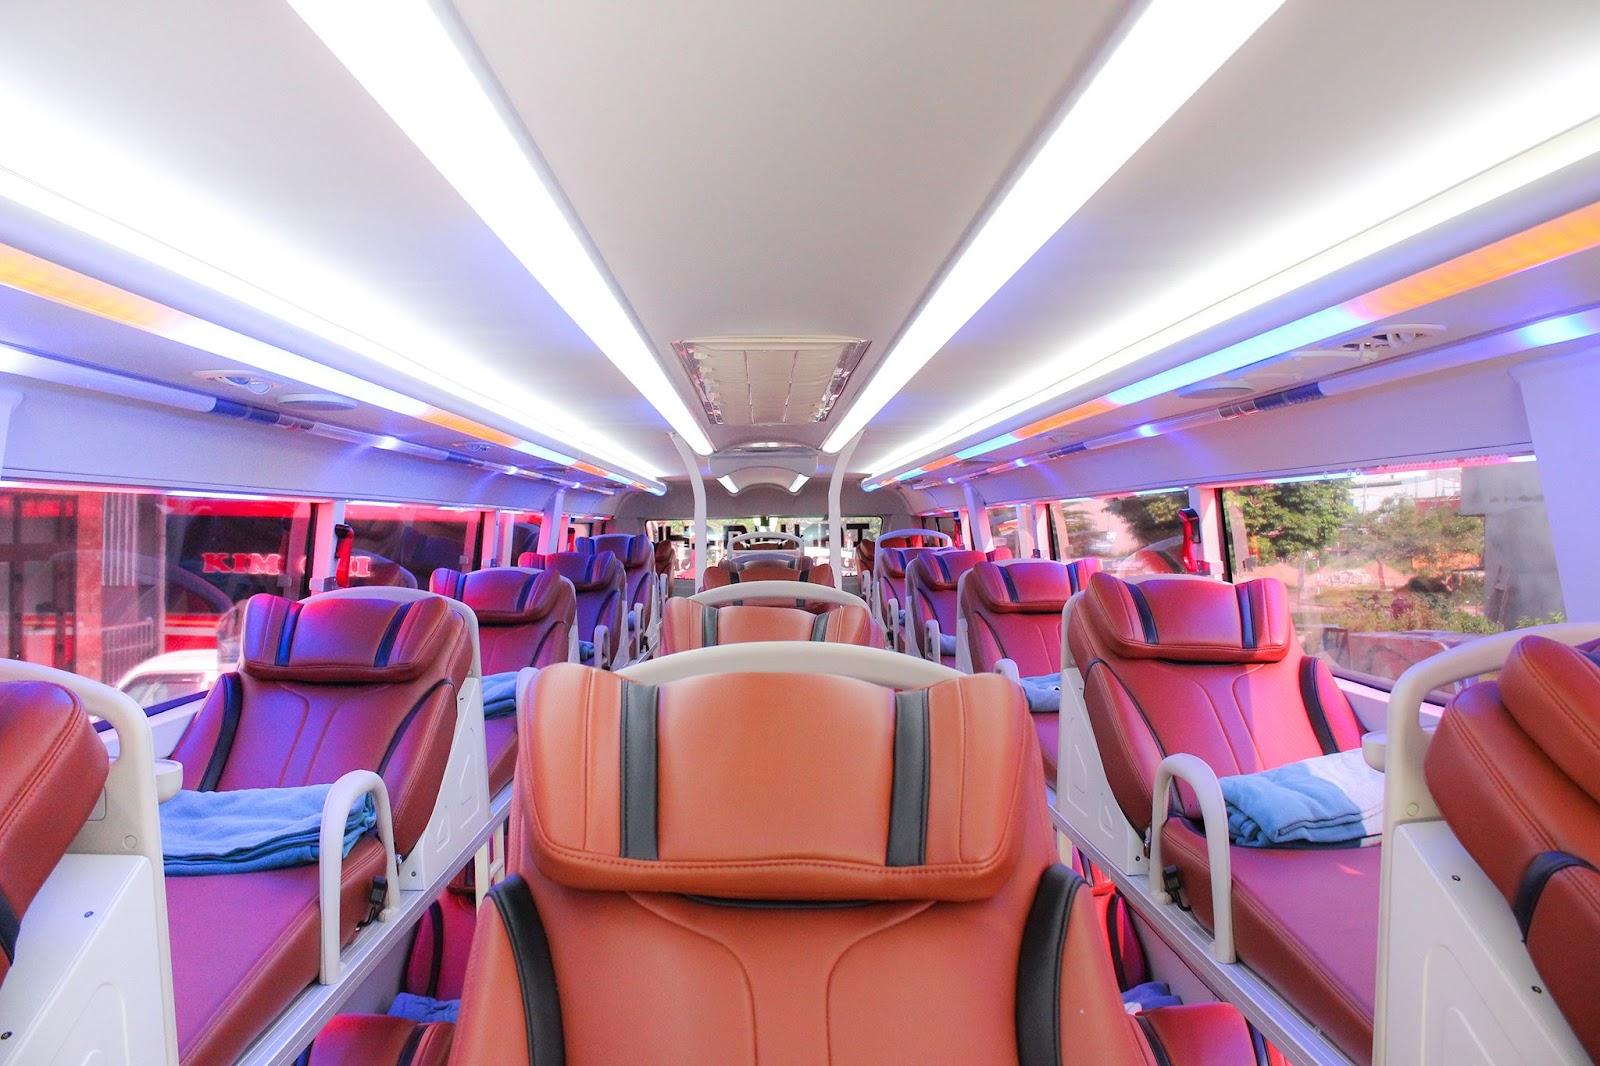 Nội thất xe Kim Chi 265 đi Đà Nẵng từ Hà Nội